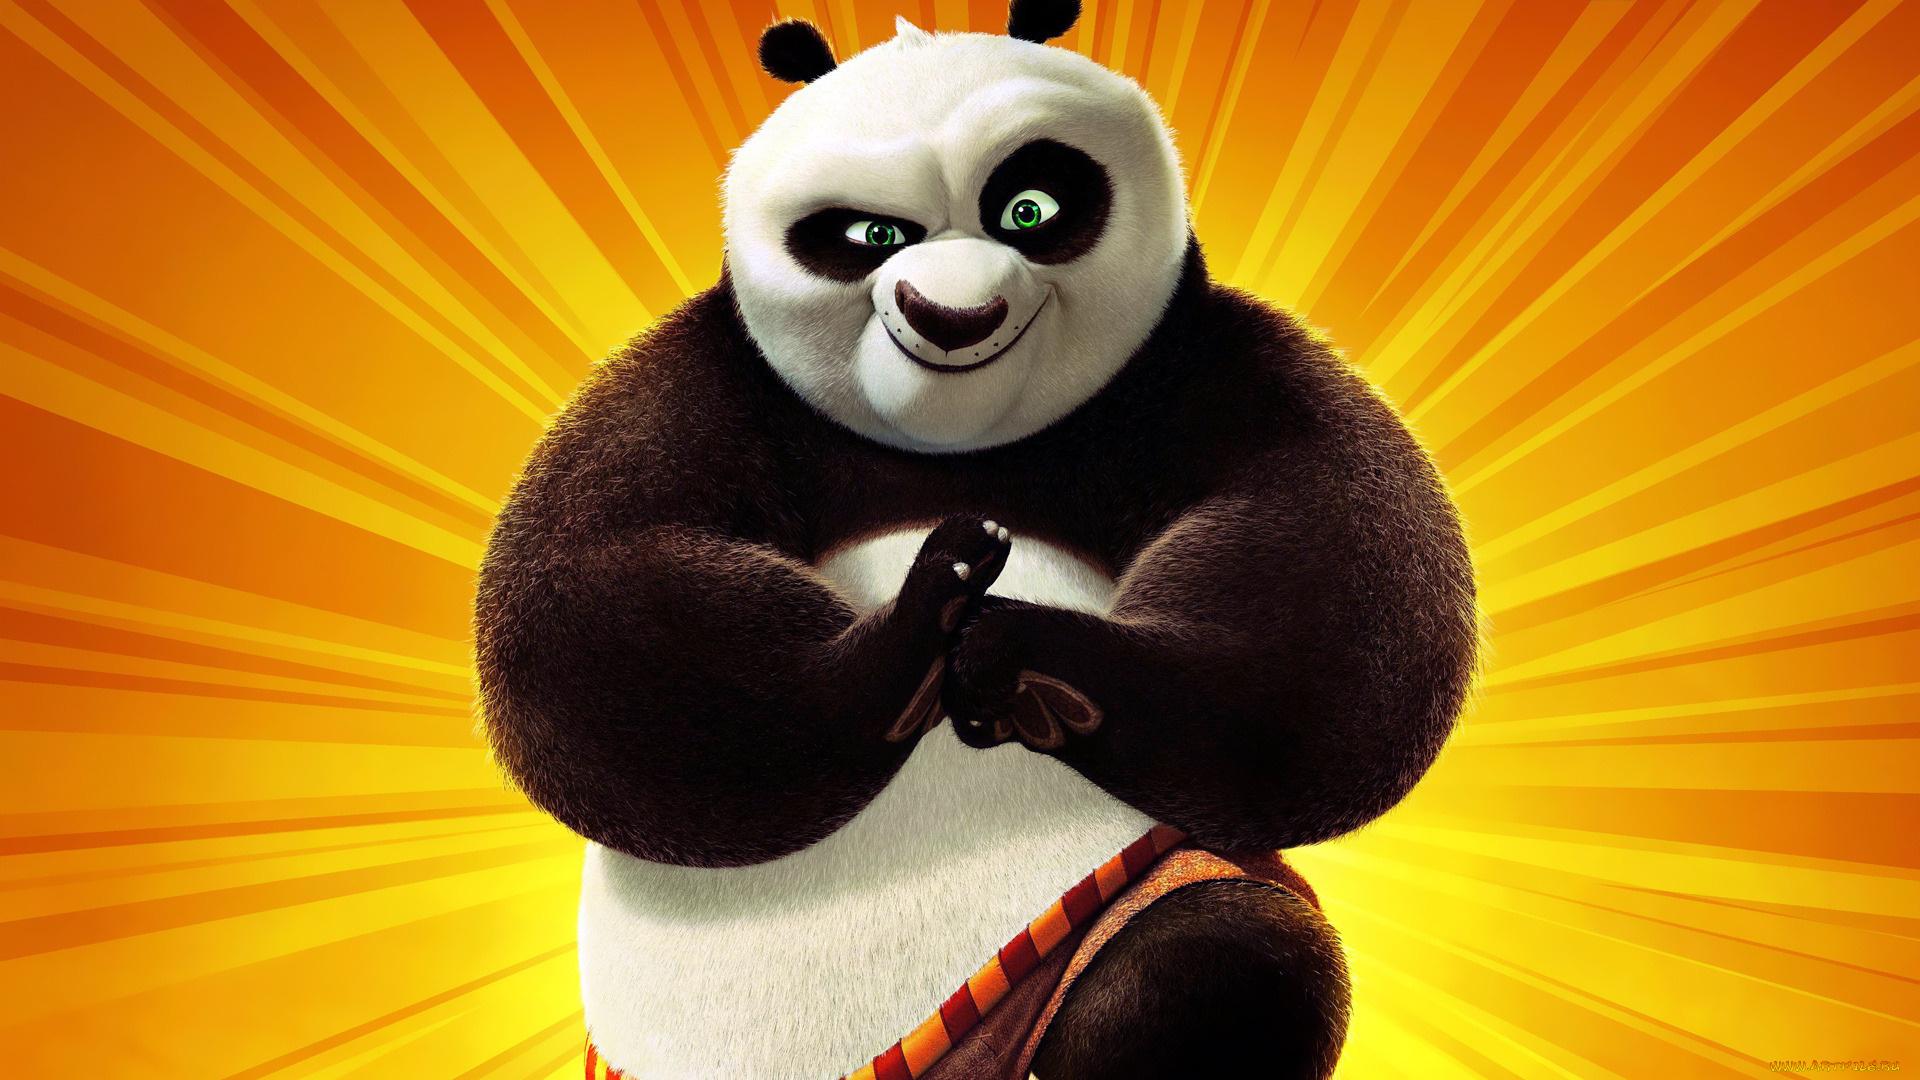 Прикольные картинки кунг фу панда, бумаги открытка бесконечная